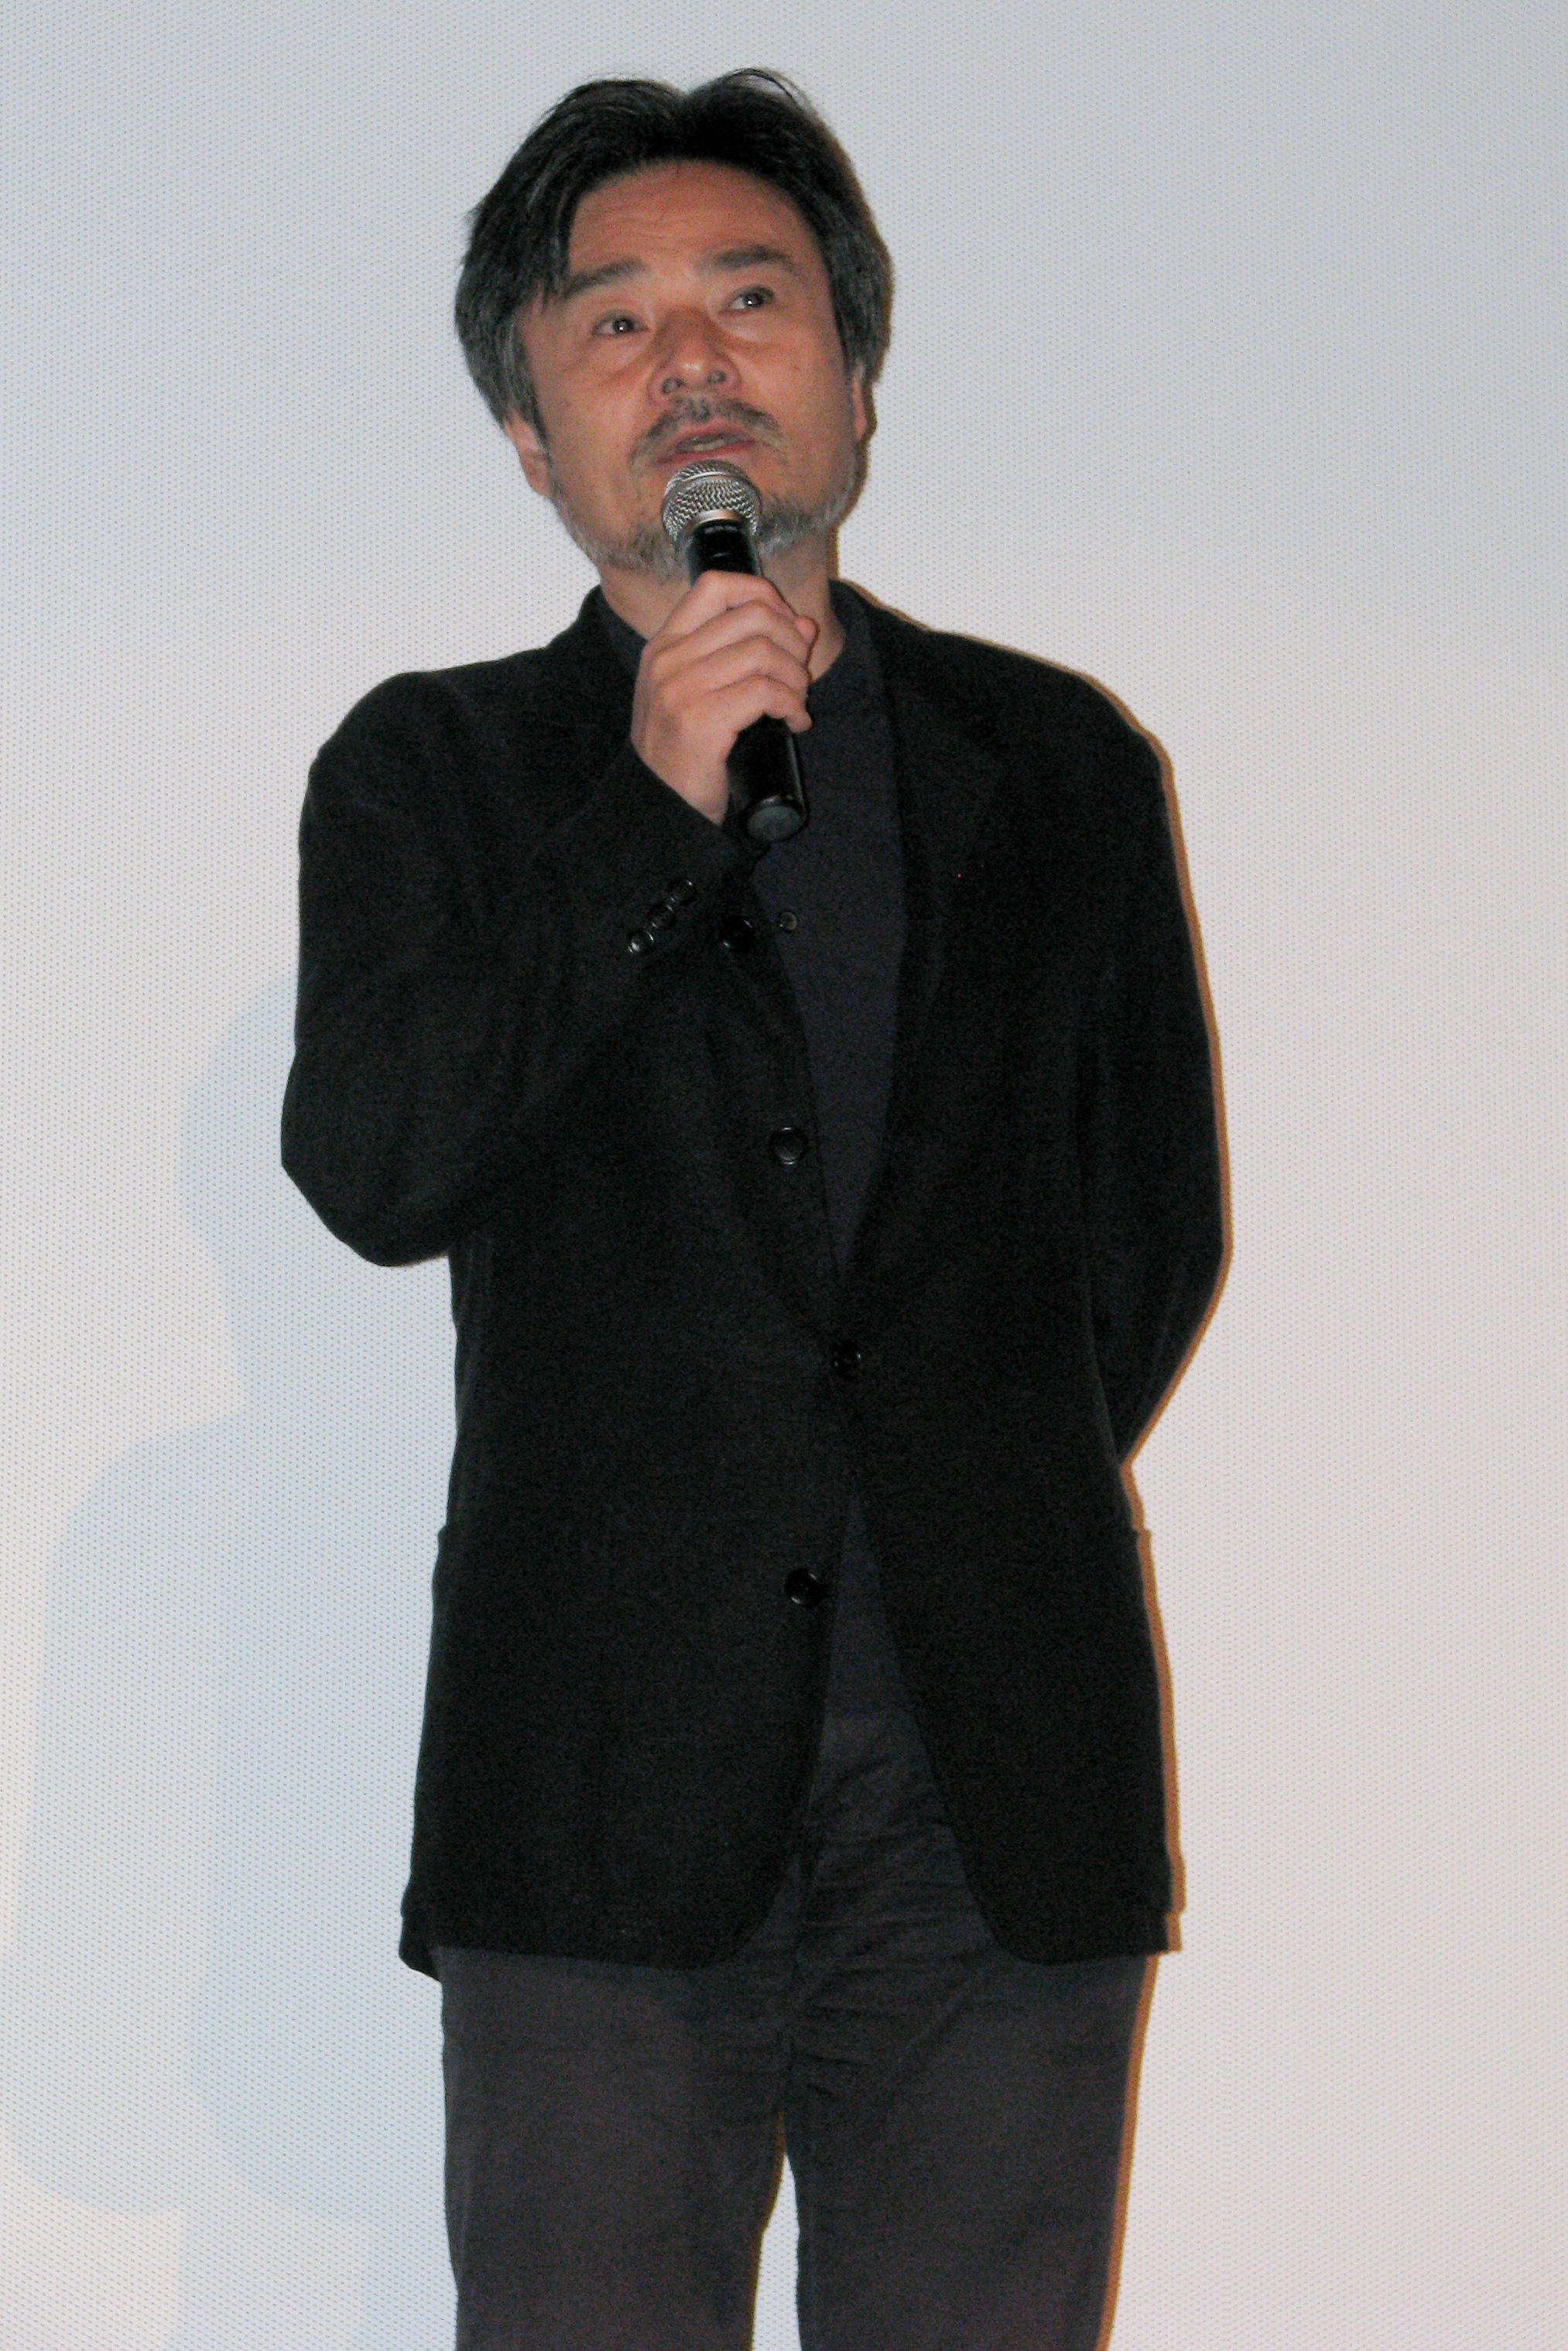 Photo Kiyoshi Kurosawa via Opendata BNF